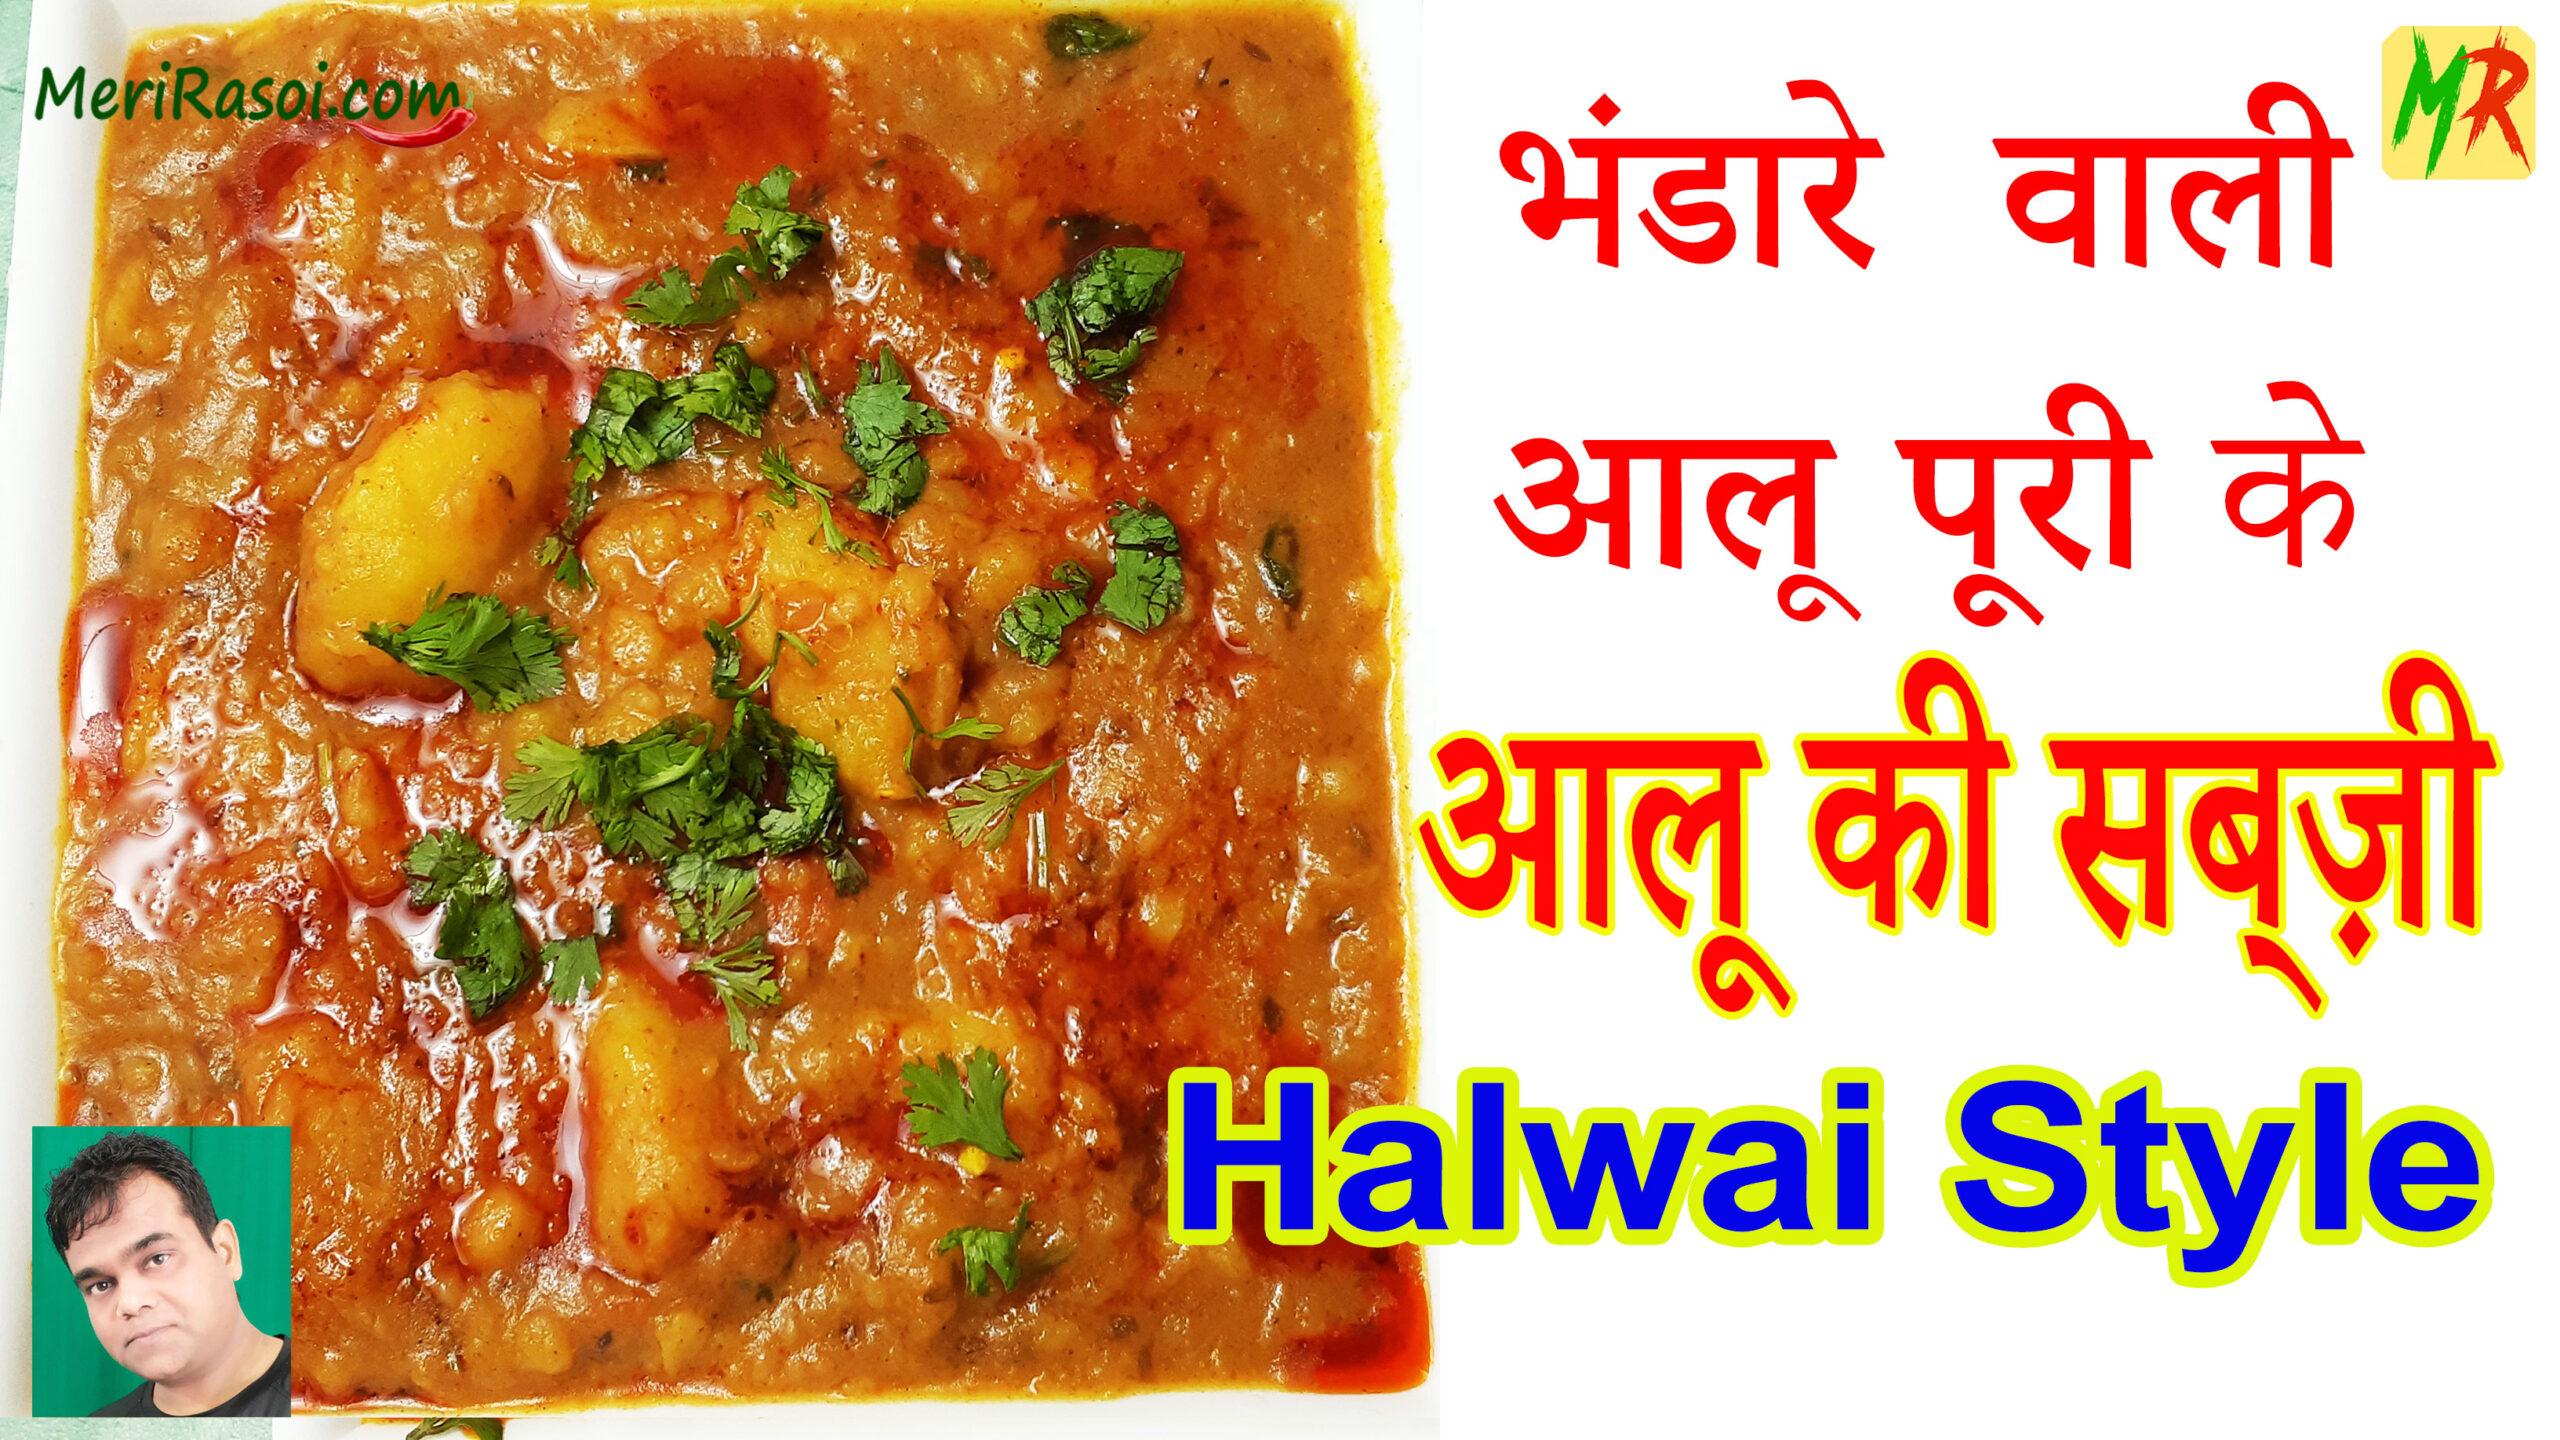 भंडारे वाले आलू पूरी के आलू की सब्ज़ी एकदम हलवाई स्टाइल में | Aloo Poori Recipe Ke Aloo Ki Sabzi Recipe | Aloo Sabzi Recipe